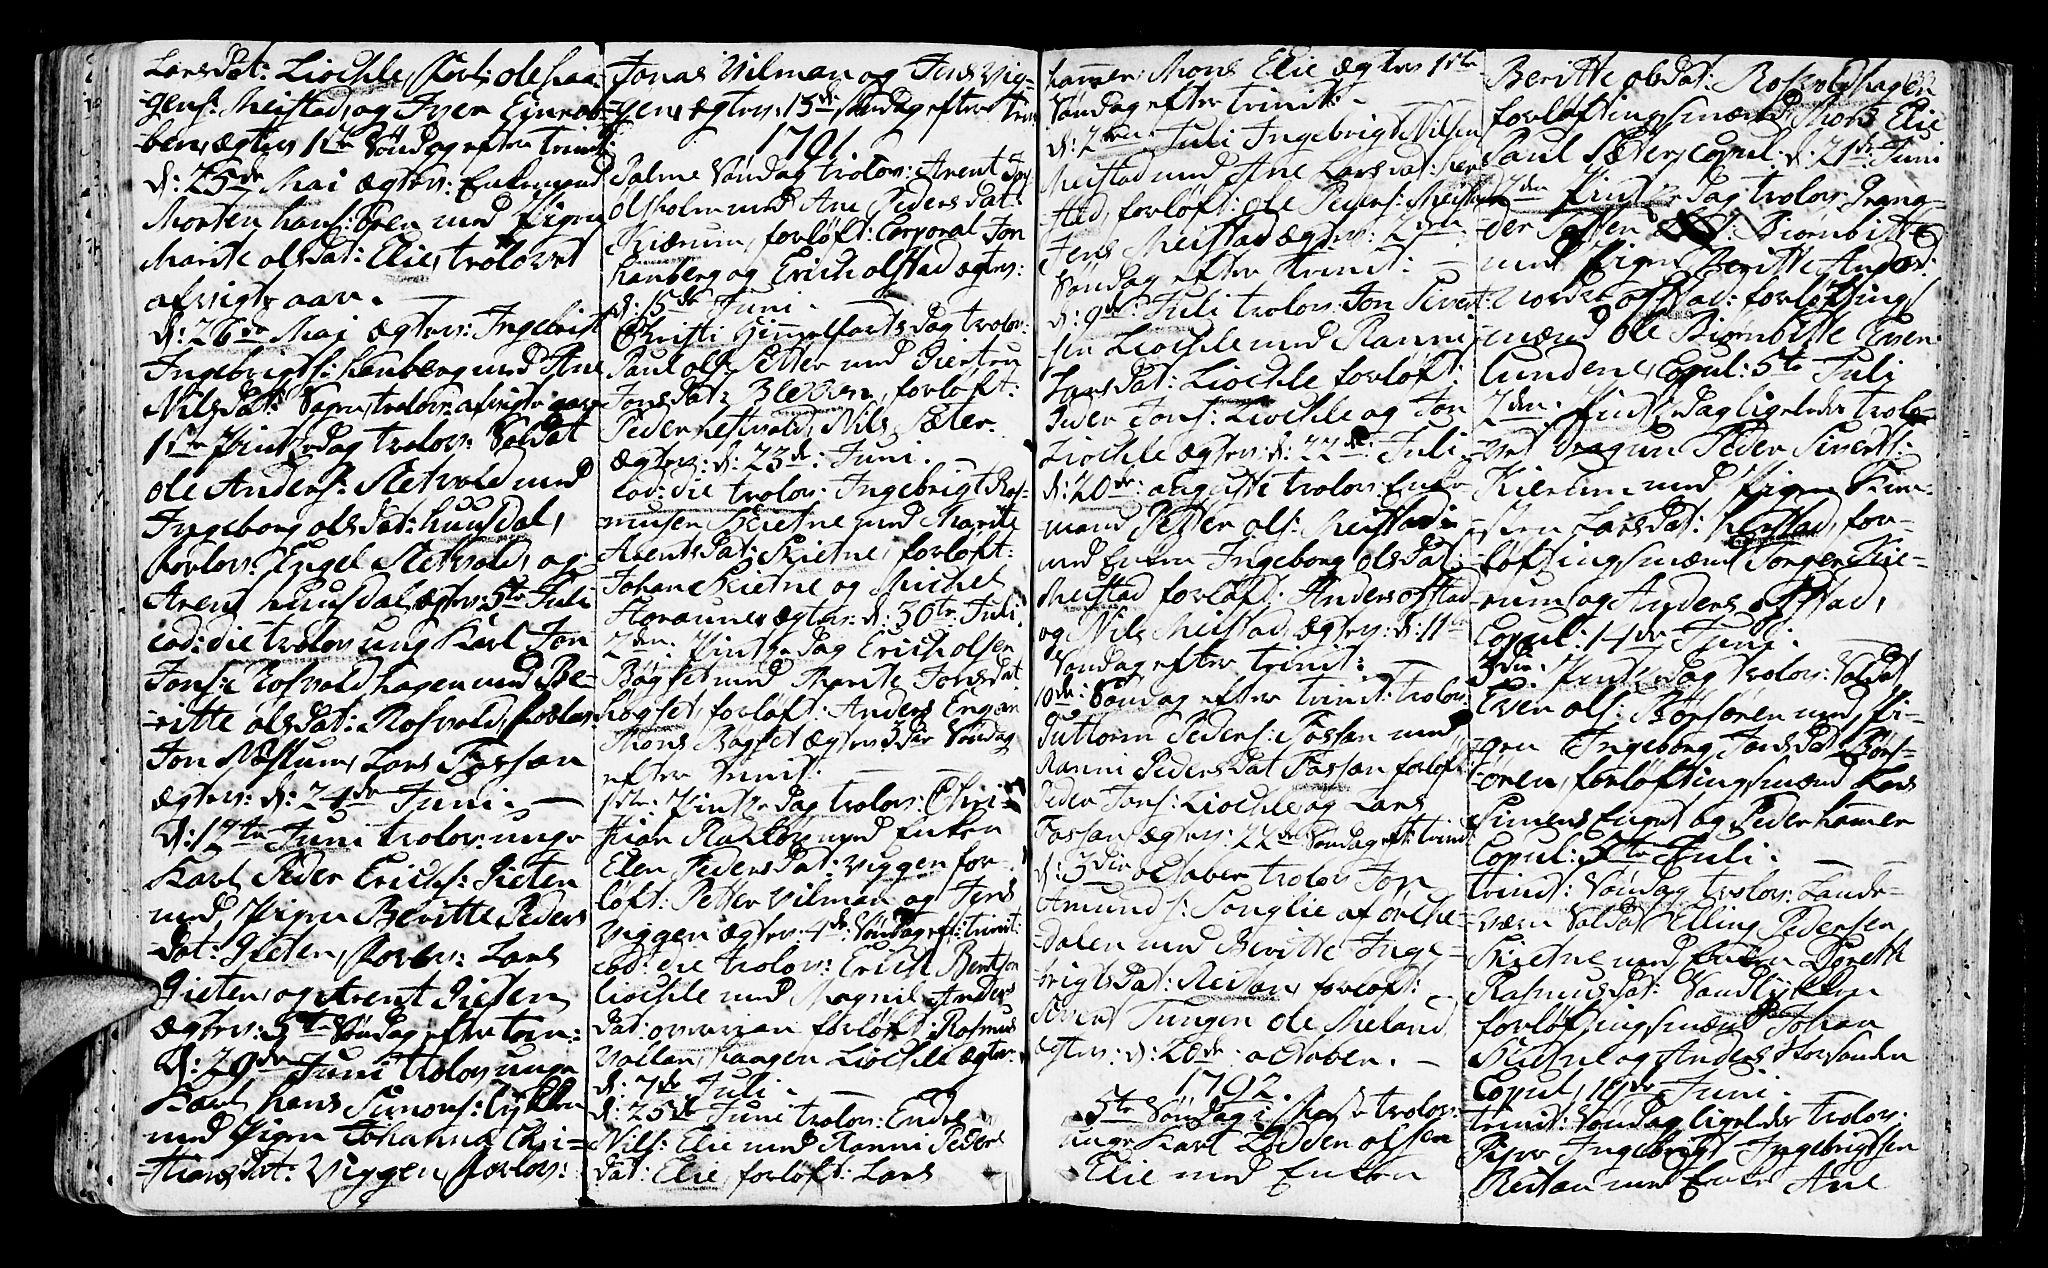 SAT, Ministerialprotokoller, klokkerbøker og fødselsregistre - Sør-Trøndelag, 665/L0768: Ministerialbok nr. 665A03, 1754-1803, s. 133